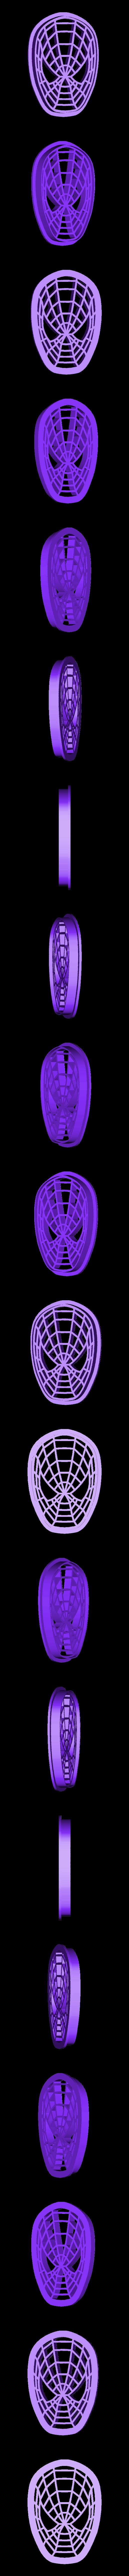 Spiderman.stl Télécharger fichier STL gratuit Découpeur de biscuits Spider-Man Face • Modèle pour imprimante 3D, insua_lucas